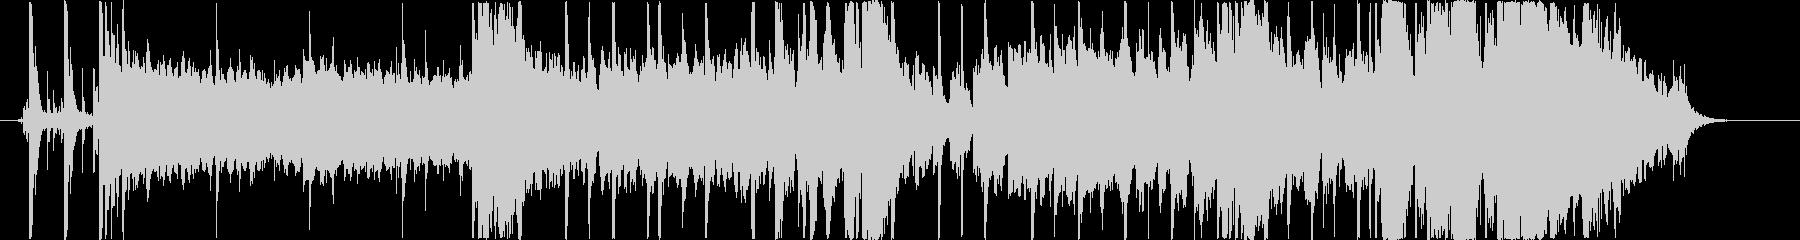 アシッドジャズ風ジングル・サウンドロゴの未再生の波形